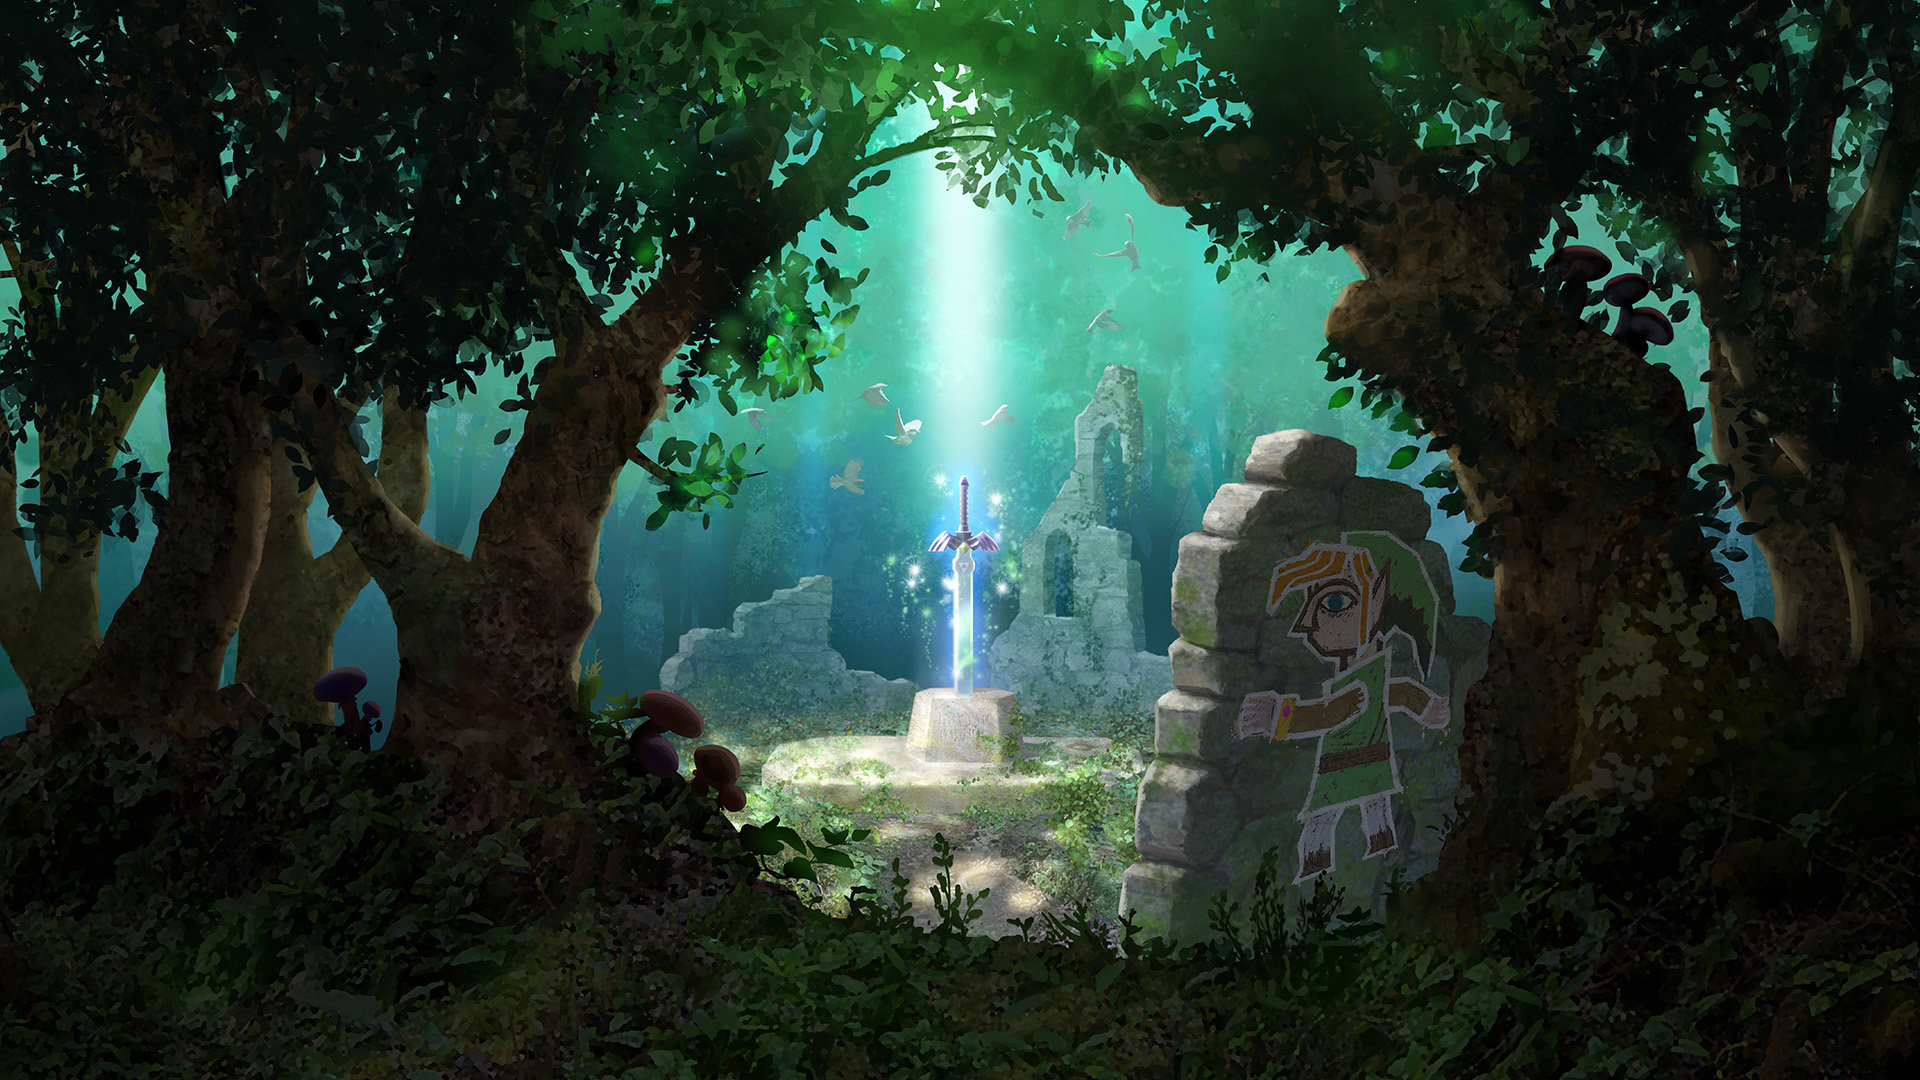 The Legend Of Zelda A Link Between Worlds Wallpapers 1920x1080